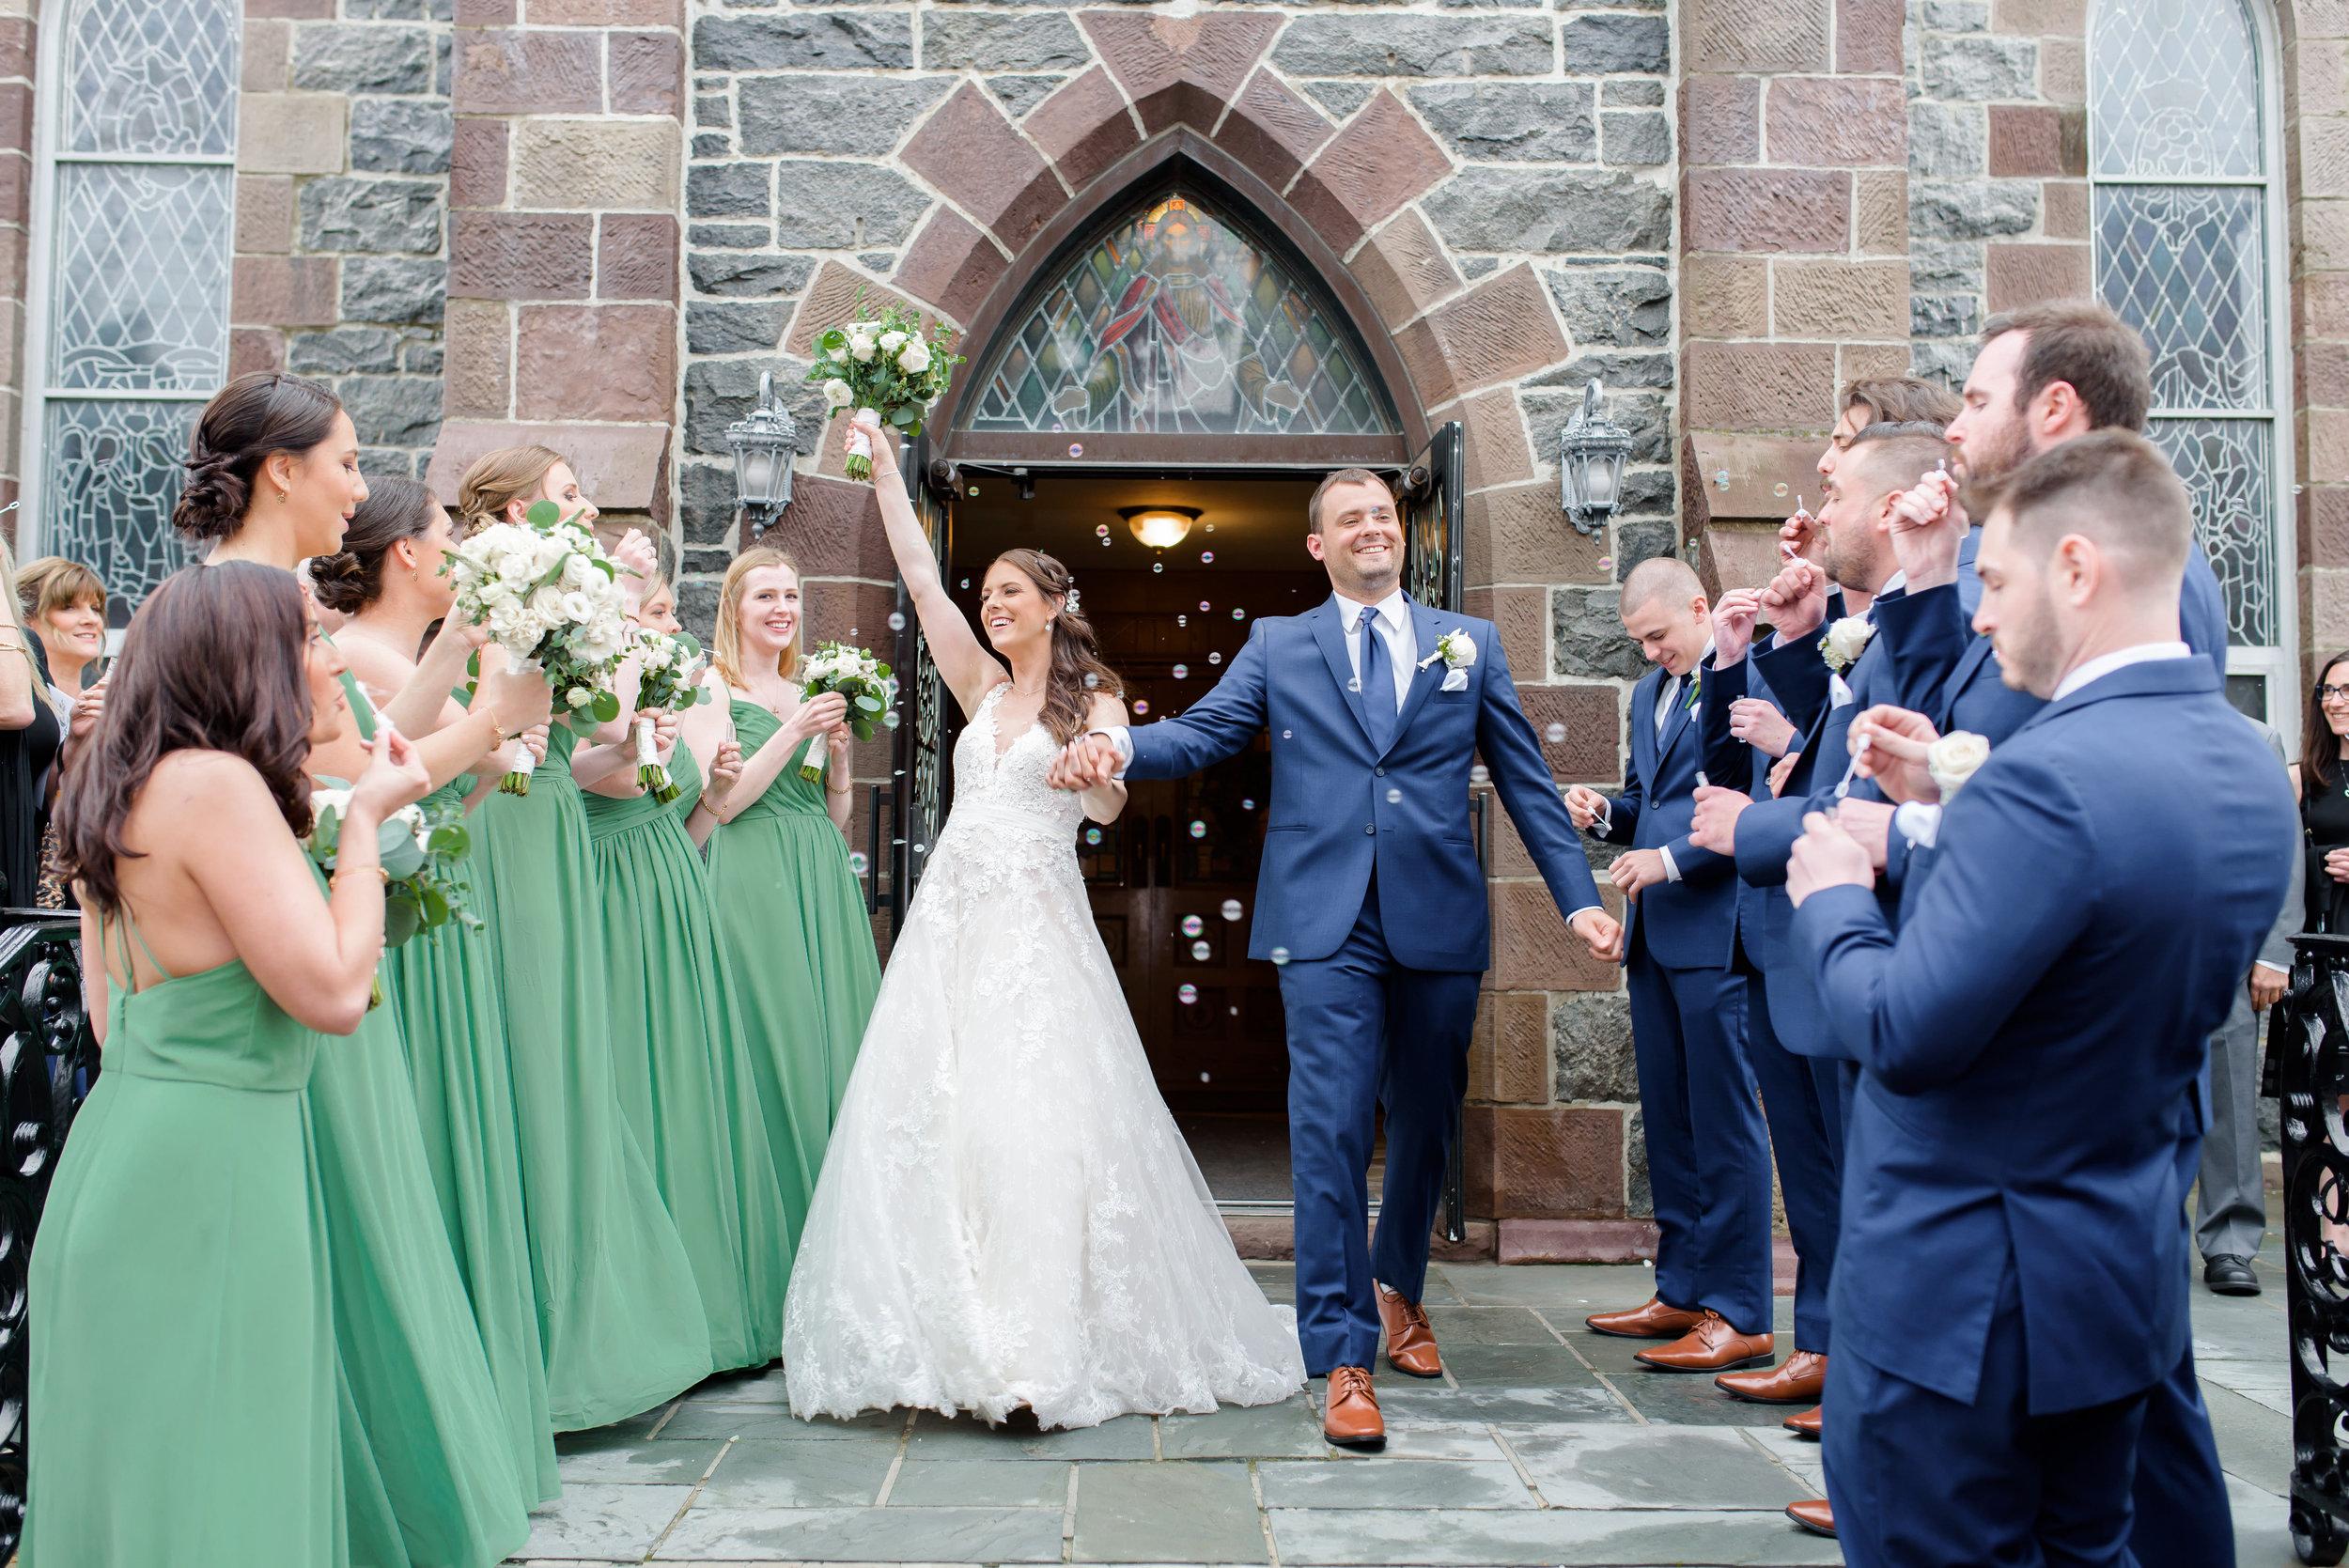 GALLERY-2019-04-26 Katelyn and Nick's Wedding388942-161.jpg